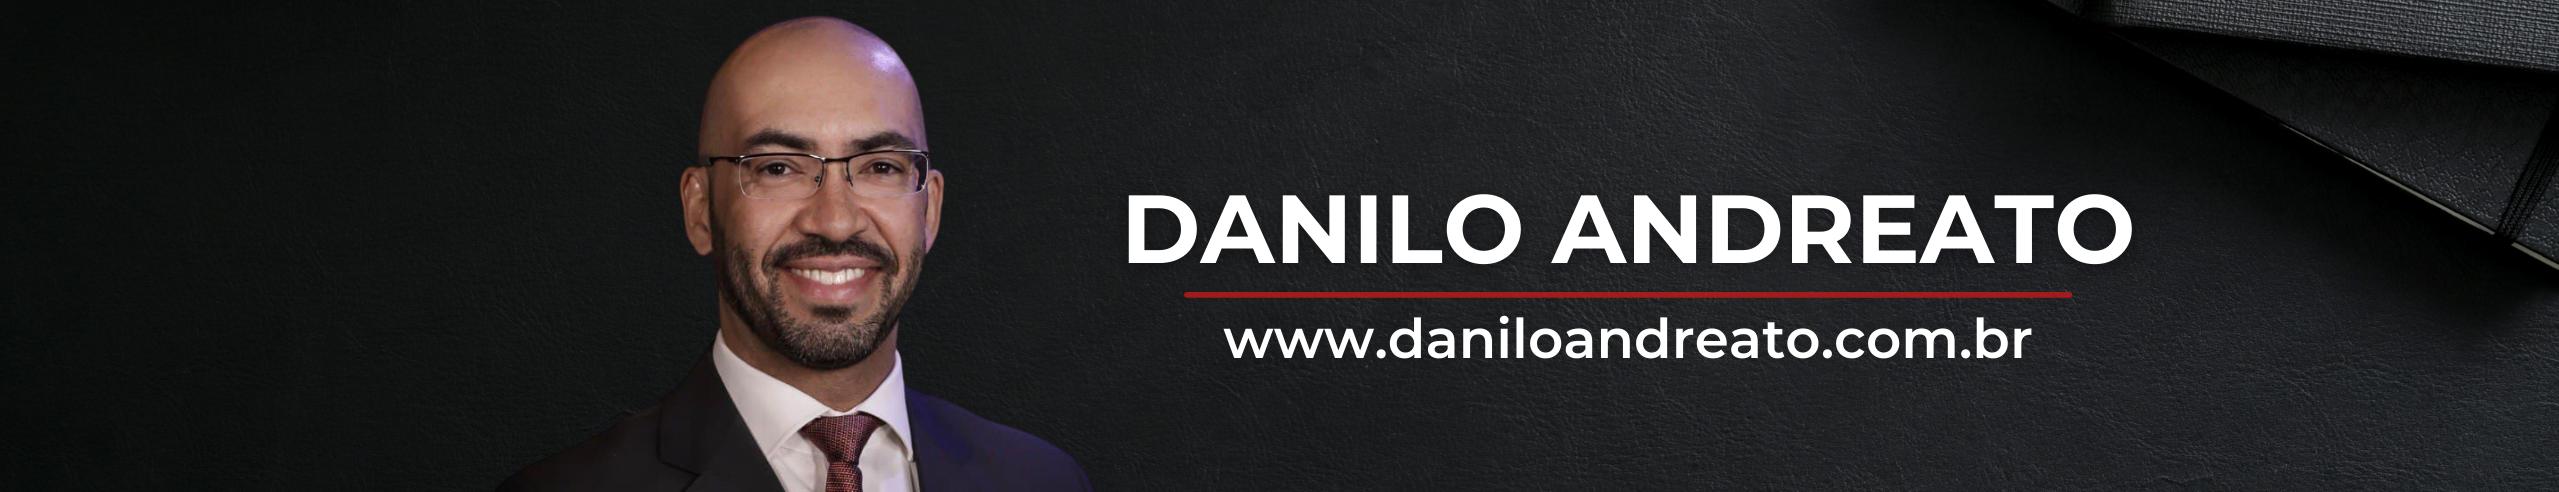 Danilo Andreato